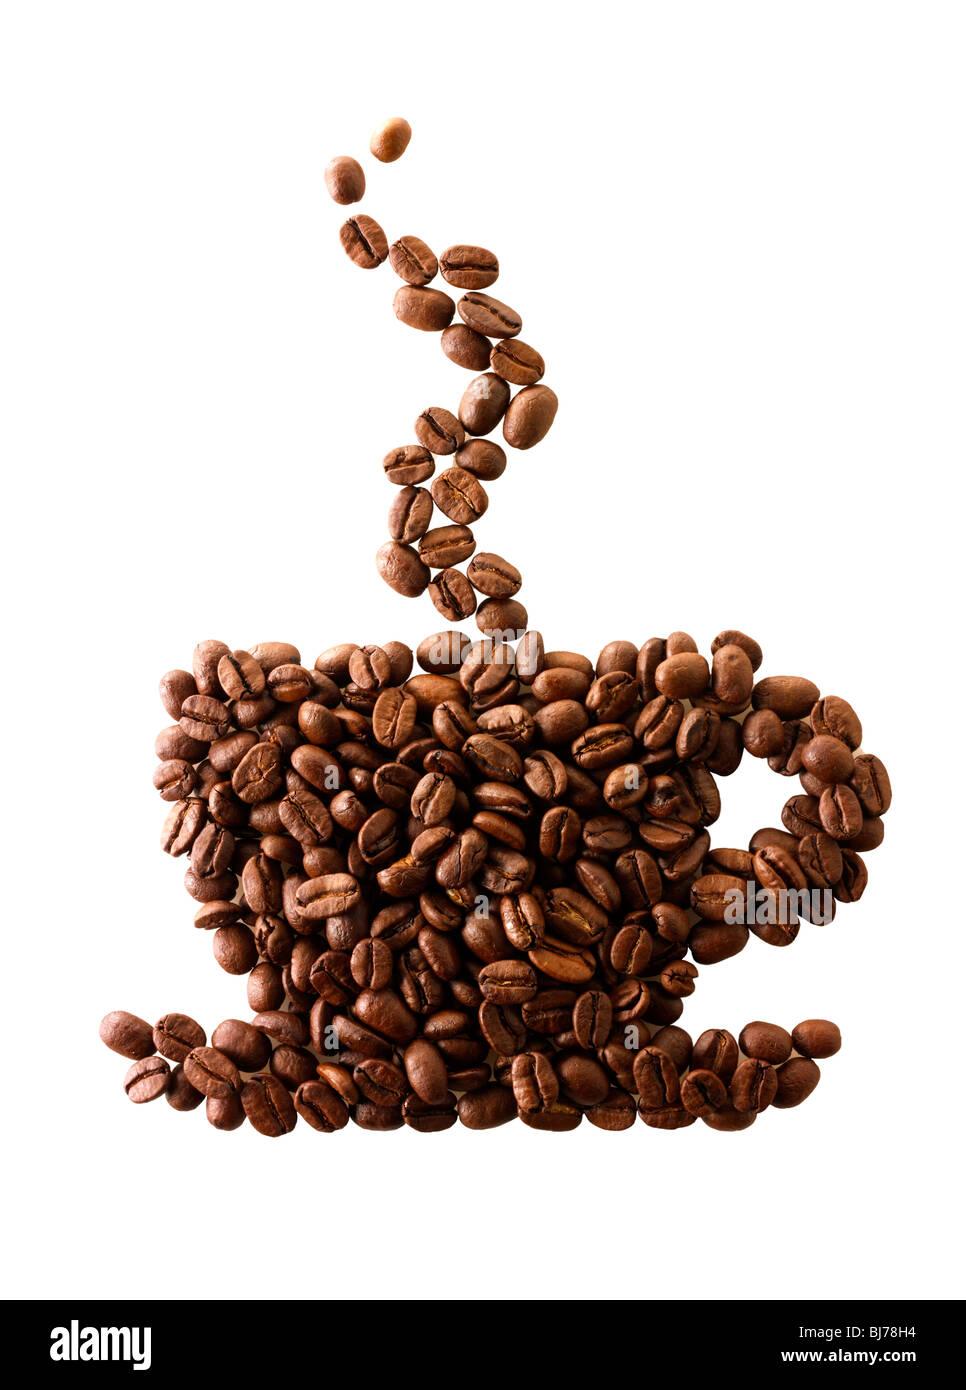 Los granos de café en la forma de una taza de café. Stock Photo Imagen De Stock